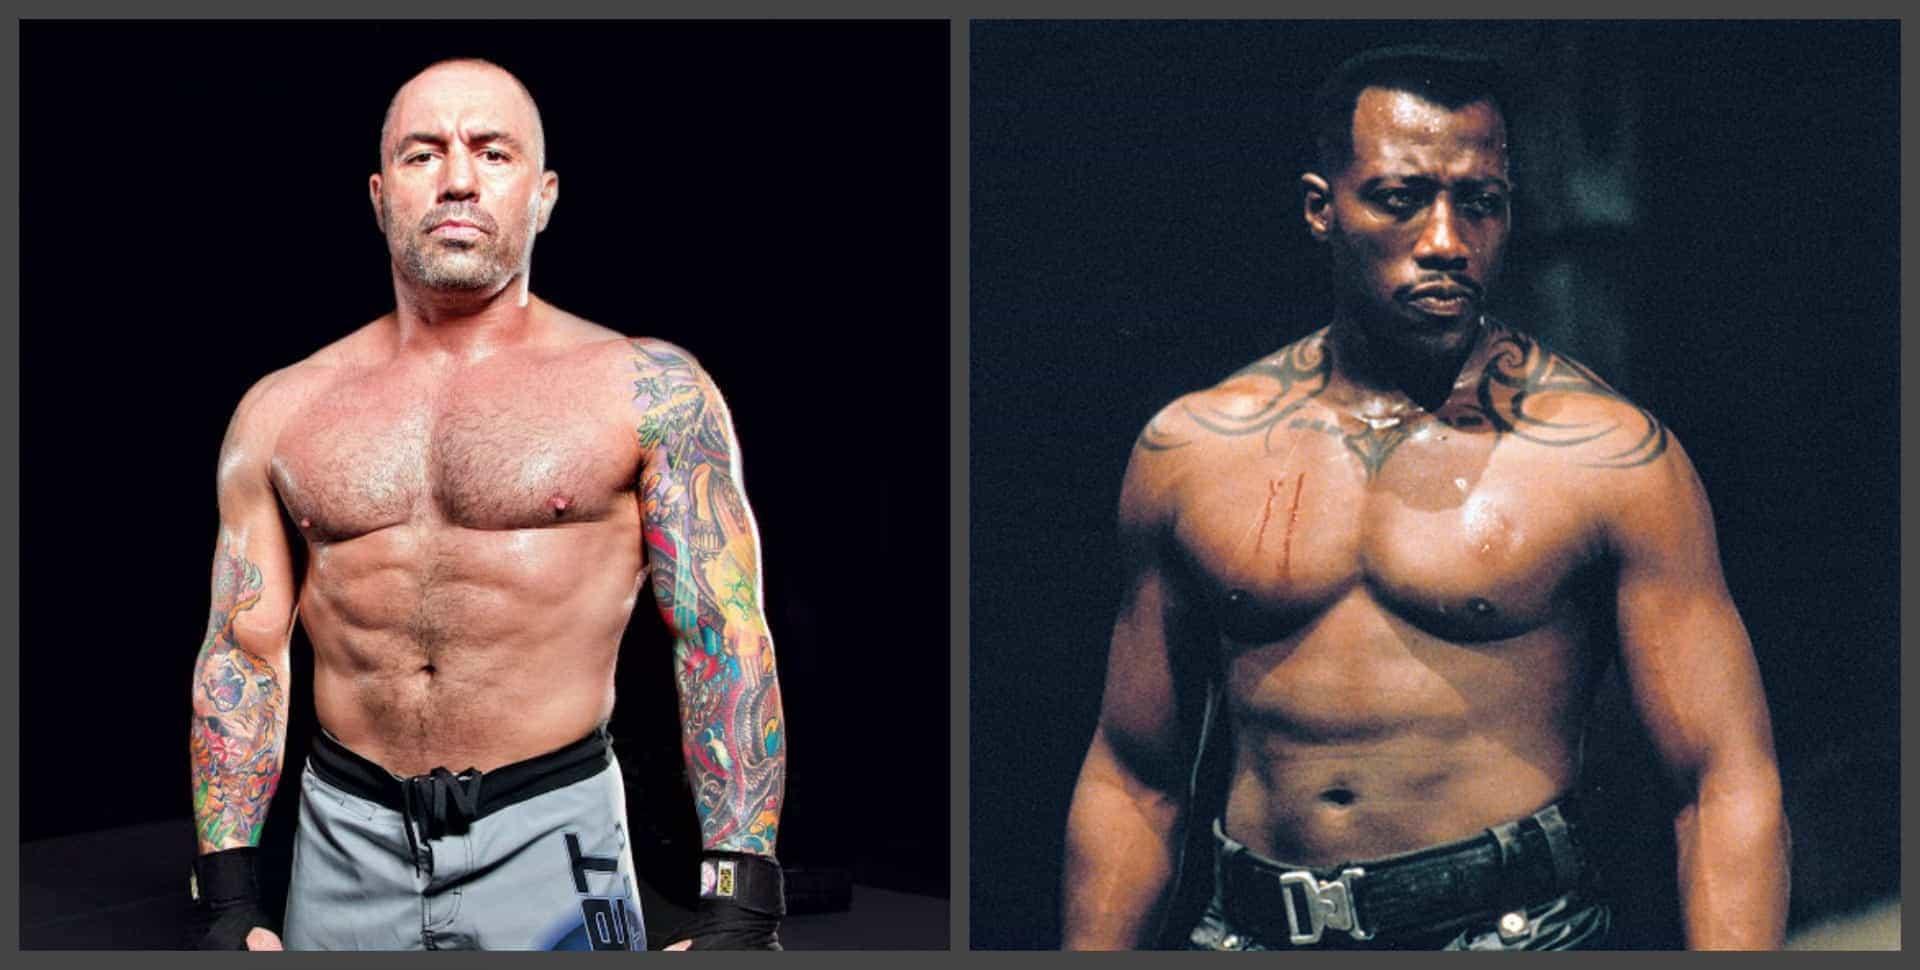 7 конфликтов звезд UFC с мировыми знаменитостями